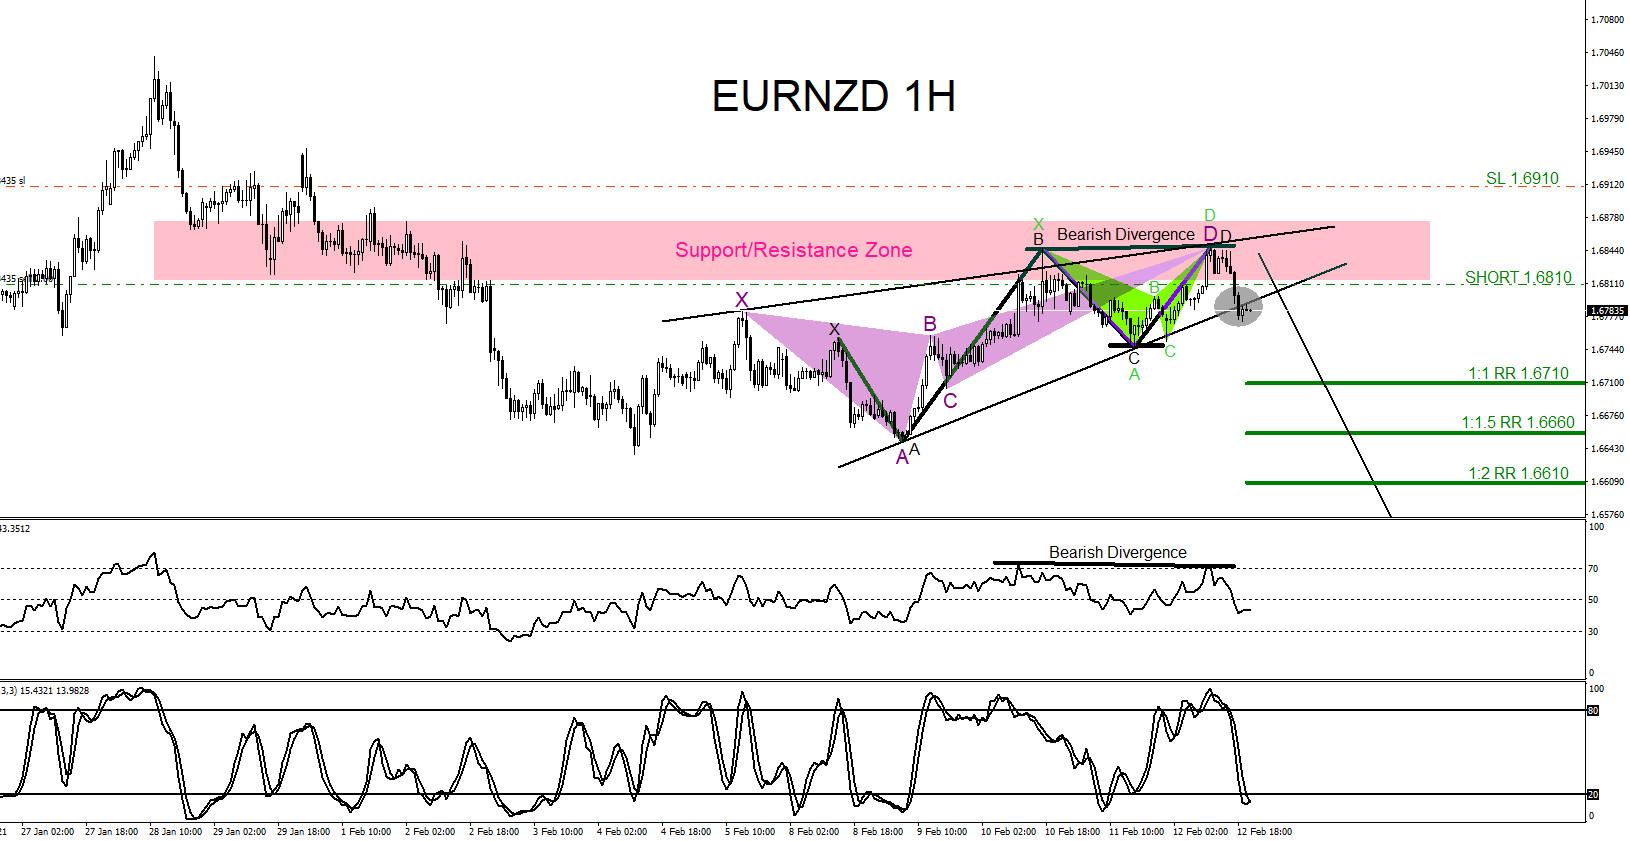 EURNZD : Bearish Market Patterns Signalling the Move Lower